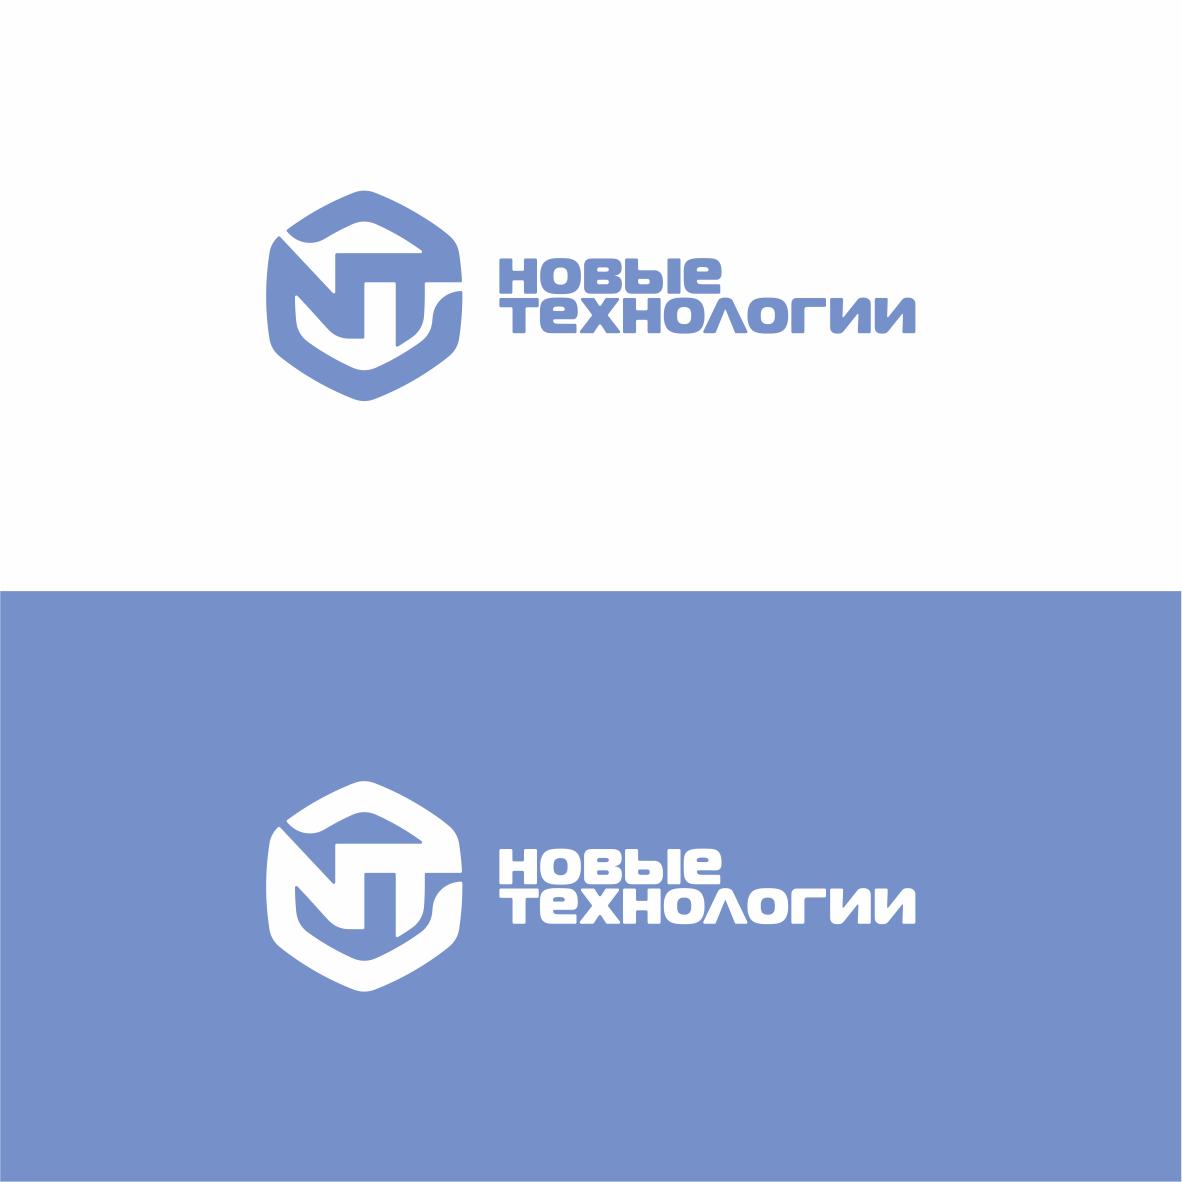 Разработка логотипа и фирменного стиля фото f_8735e7b5317e9c71.png